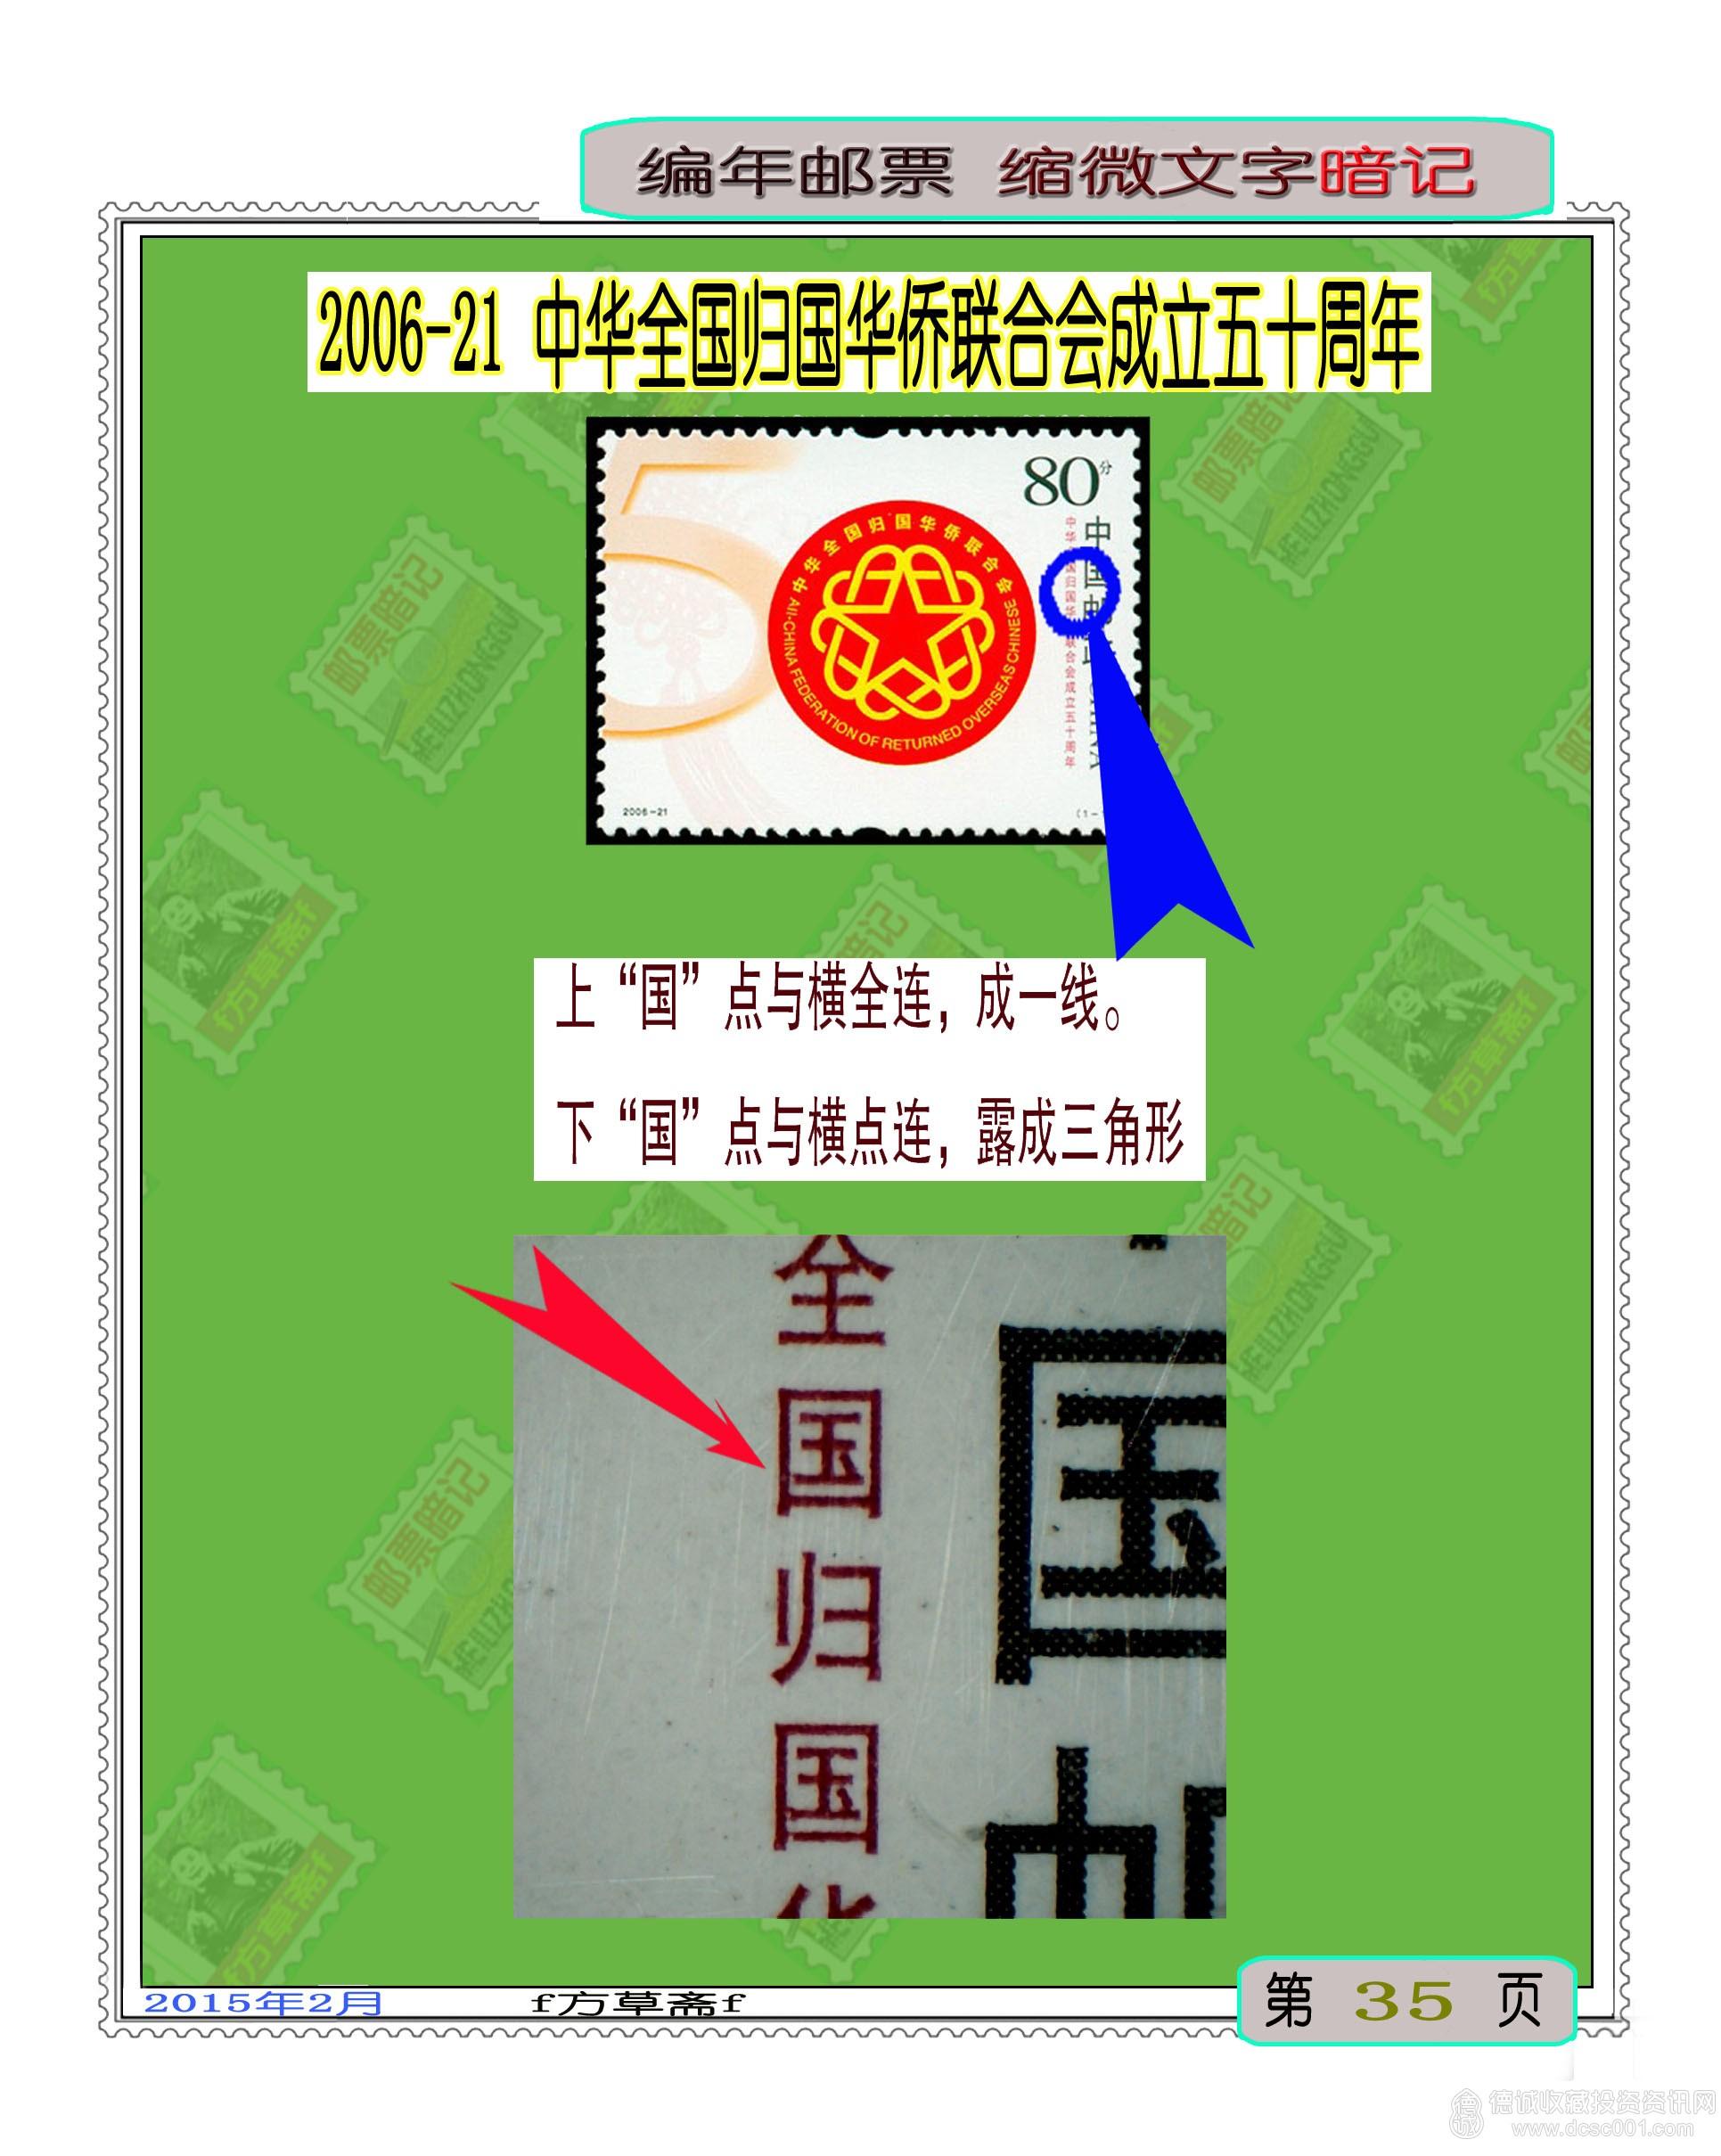 2006-21 中华全国归国华侨联合会成立五十周年.jpg